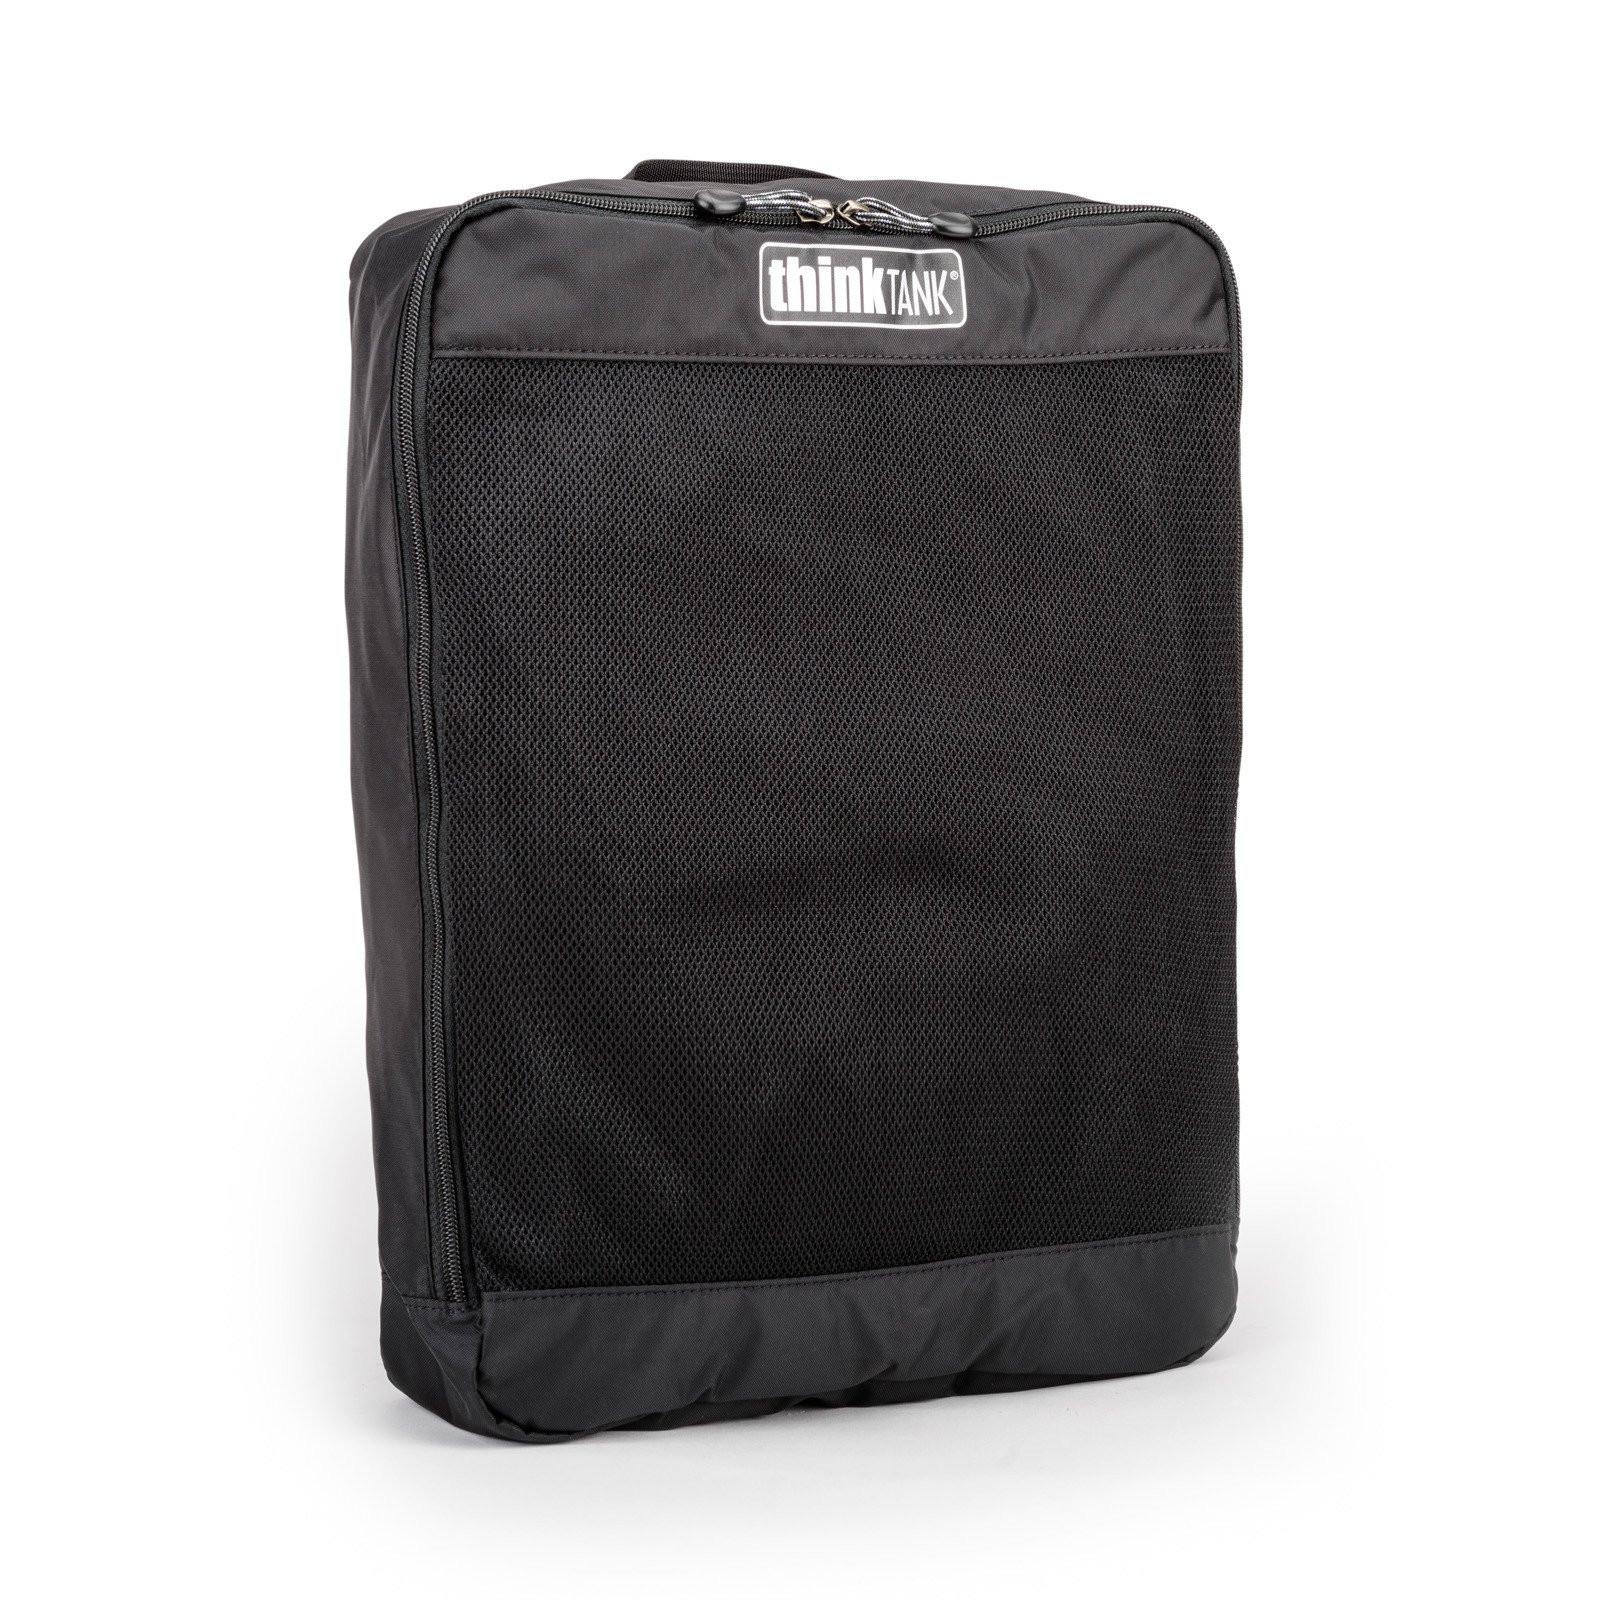 Мягкий чехол для упаковки вещей Think Tank Travel Pouch - Large